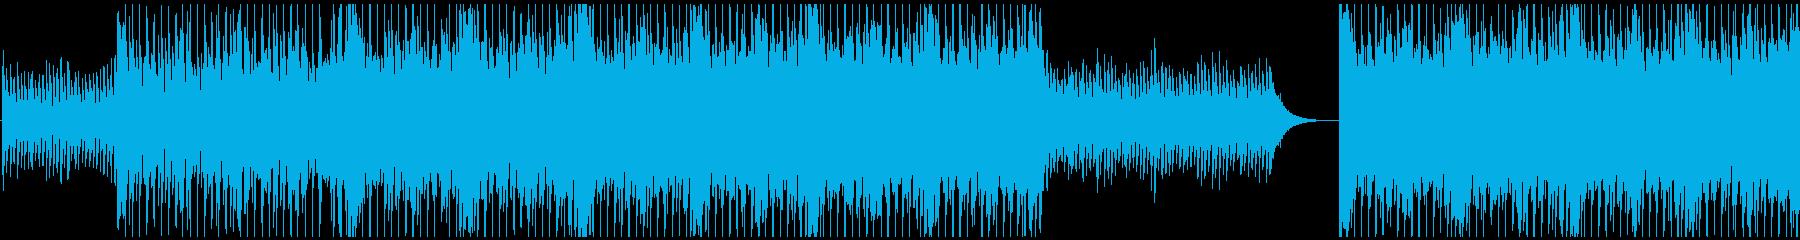 ポップ ロック 代替案 民謡 アク...の再生済みの波形